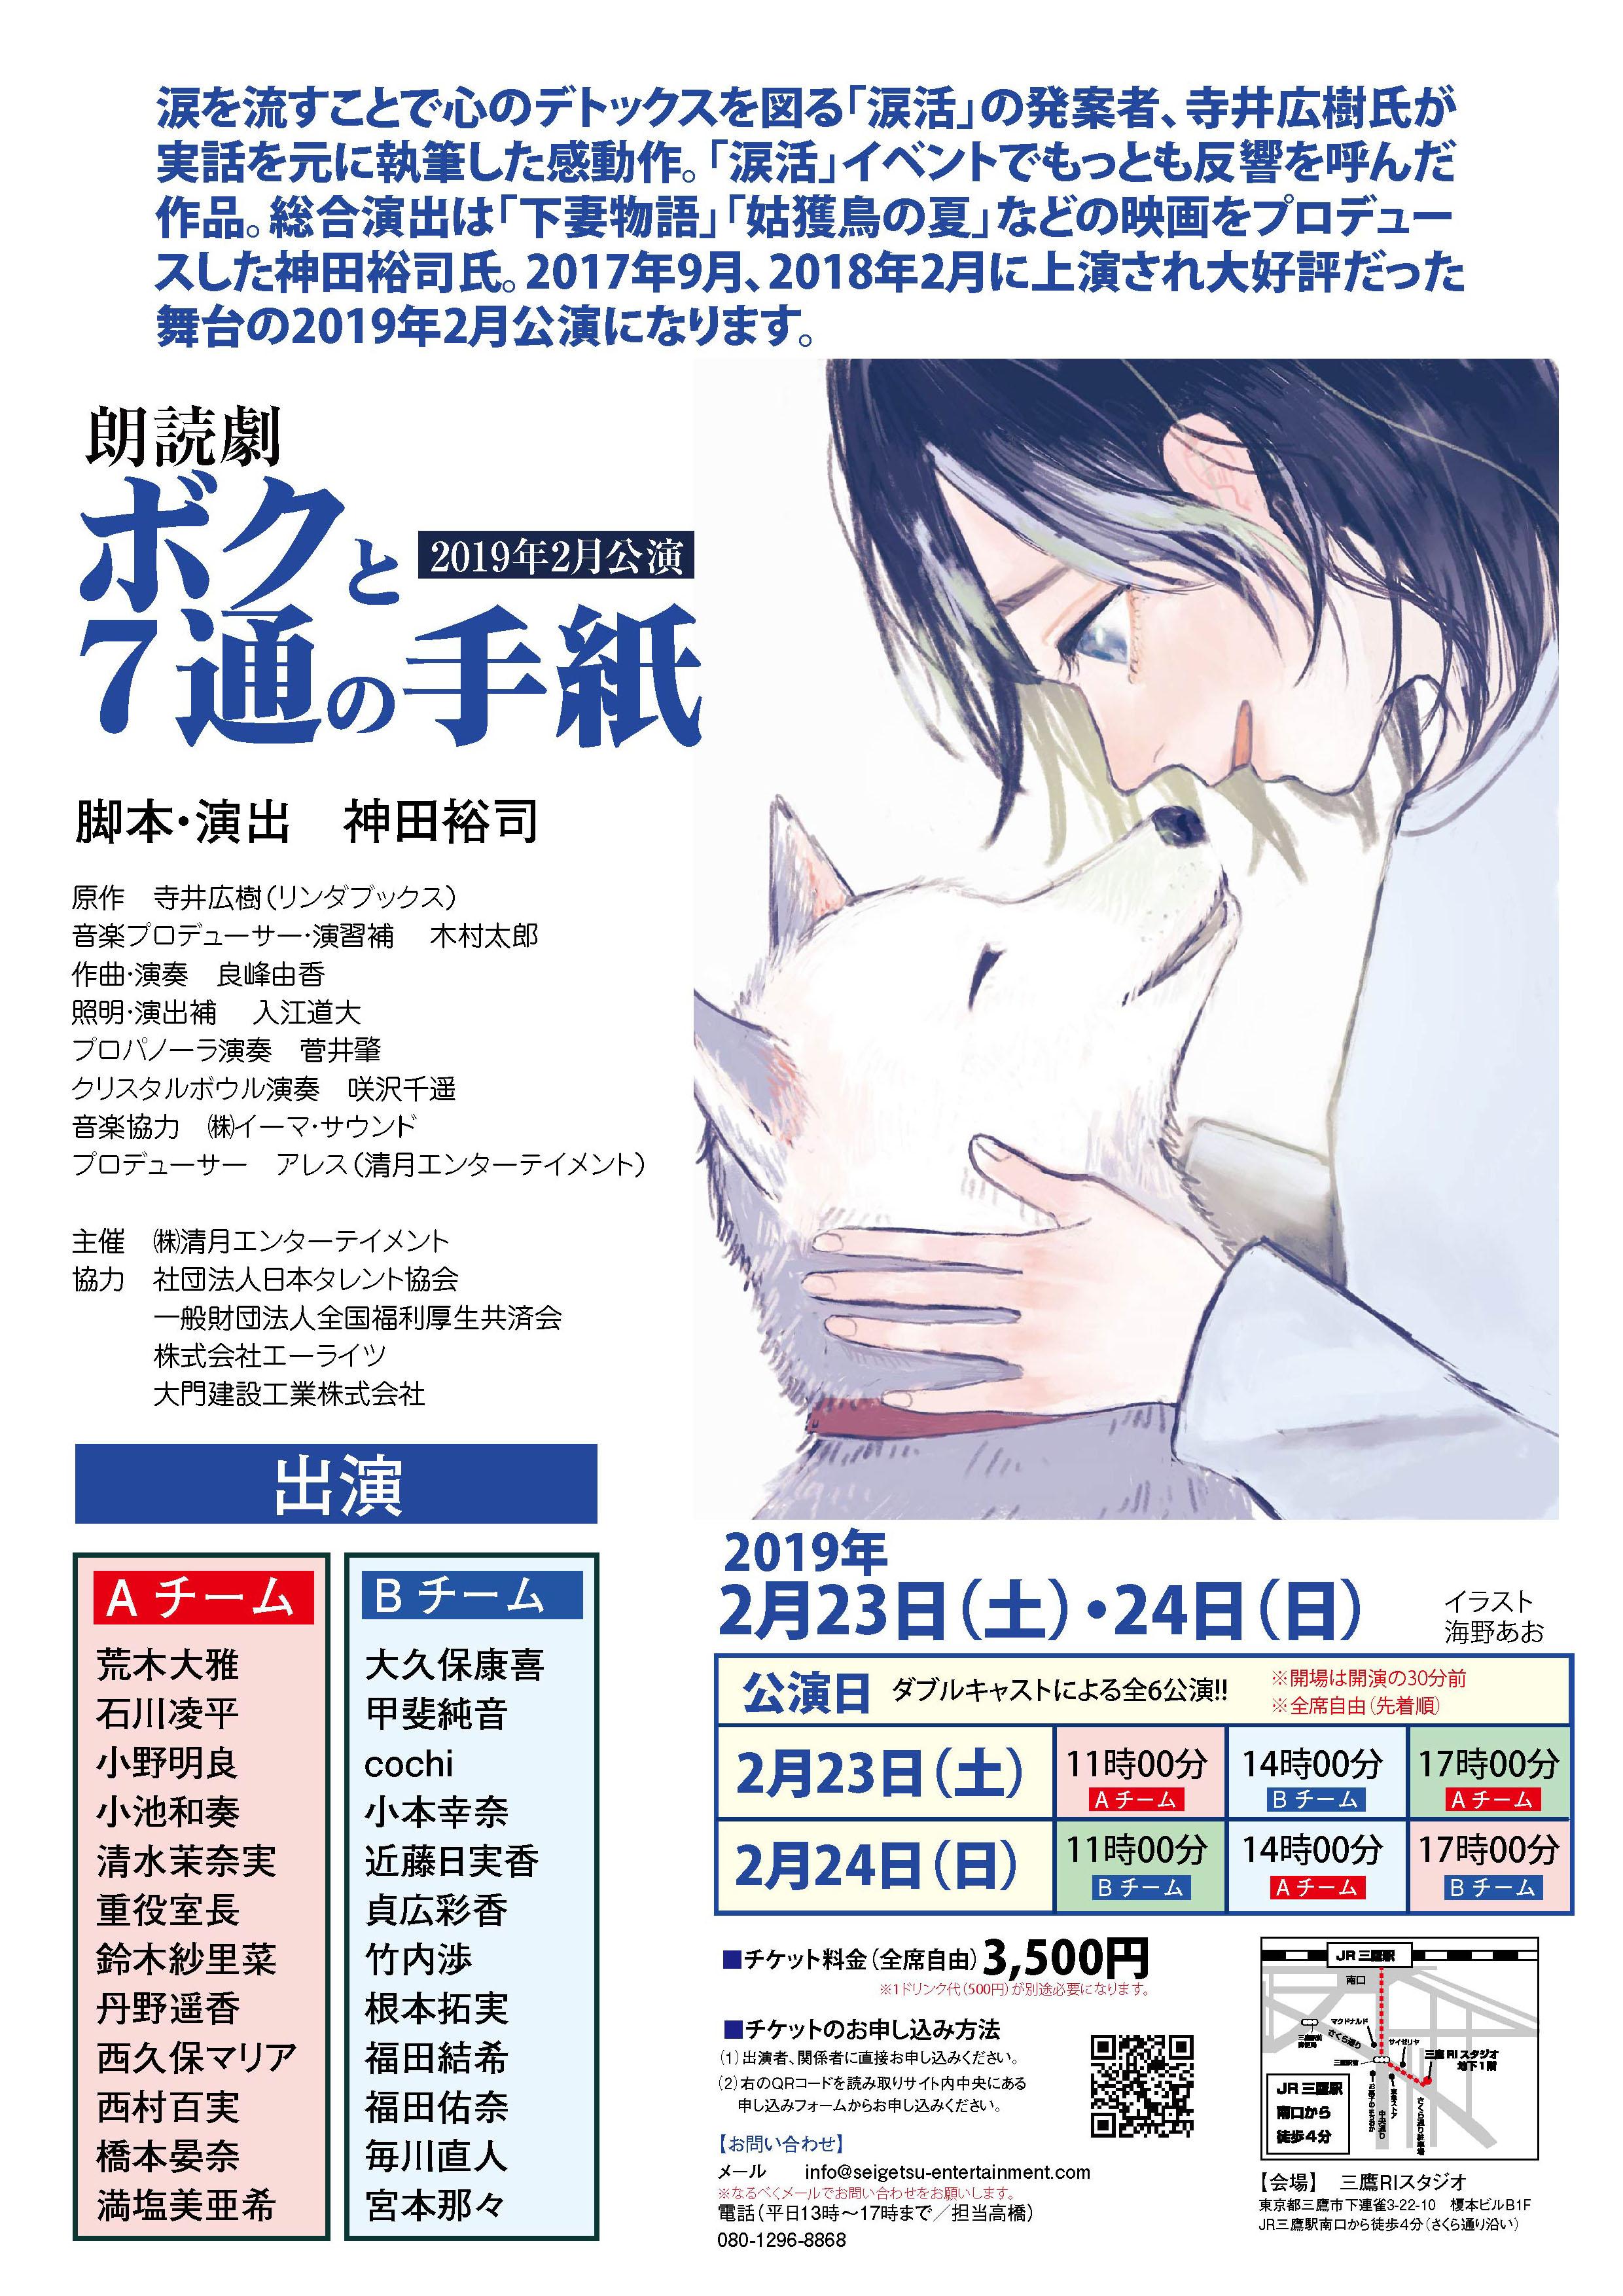 朗読劇「ボクと7通の手紙(2019年2月公演)【公演日2月23日(土)24(日)】